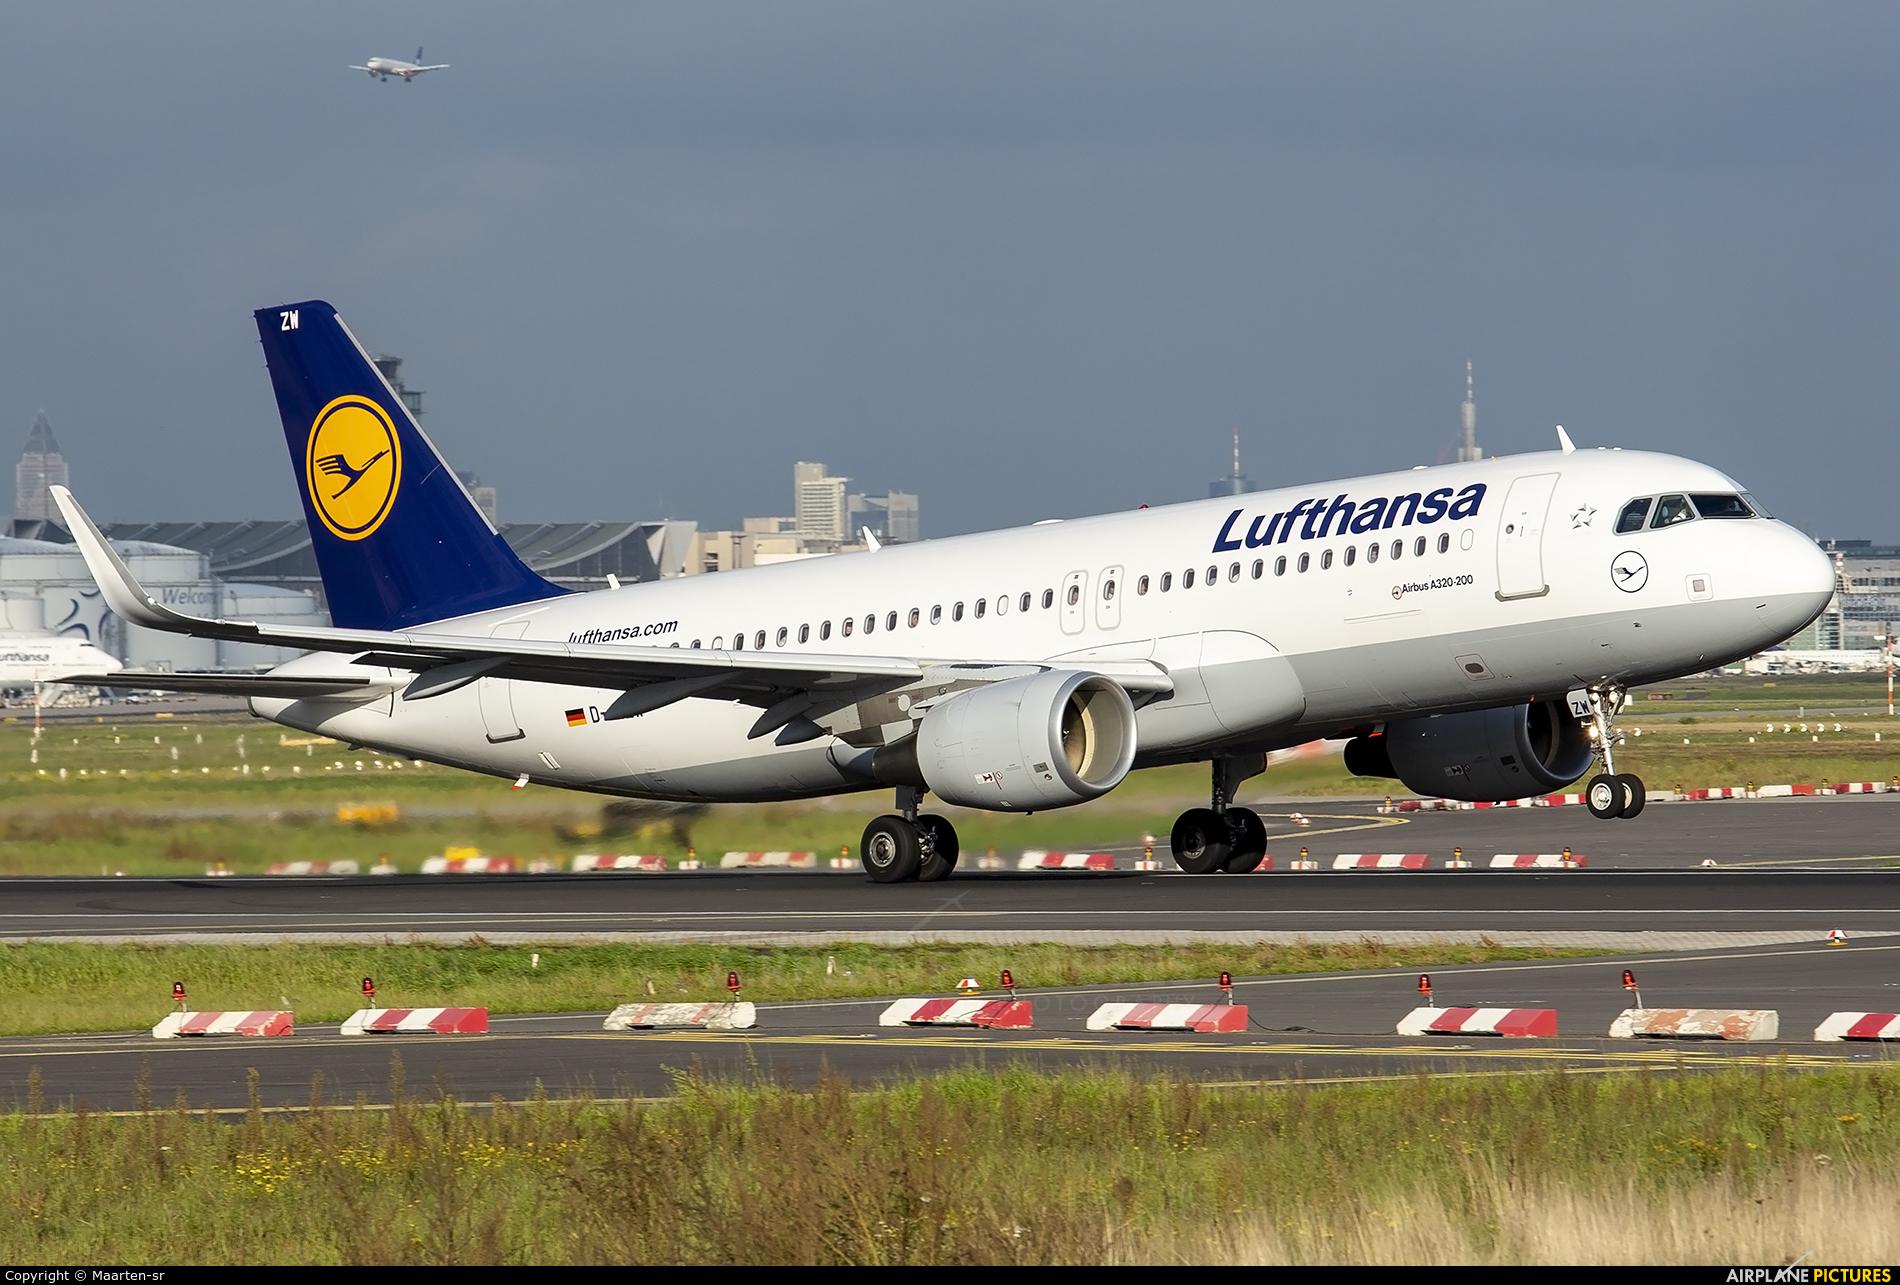 Lufthansa D-AIZW aircraft at Frankfurt